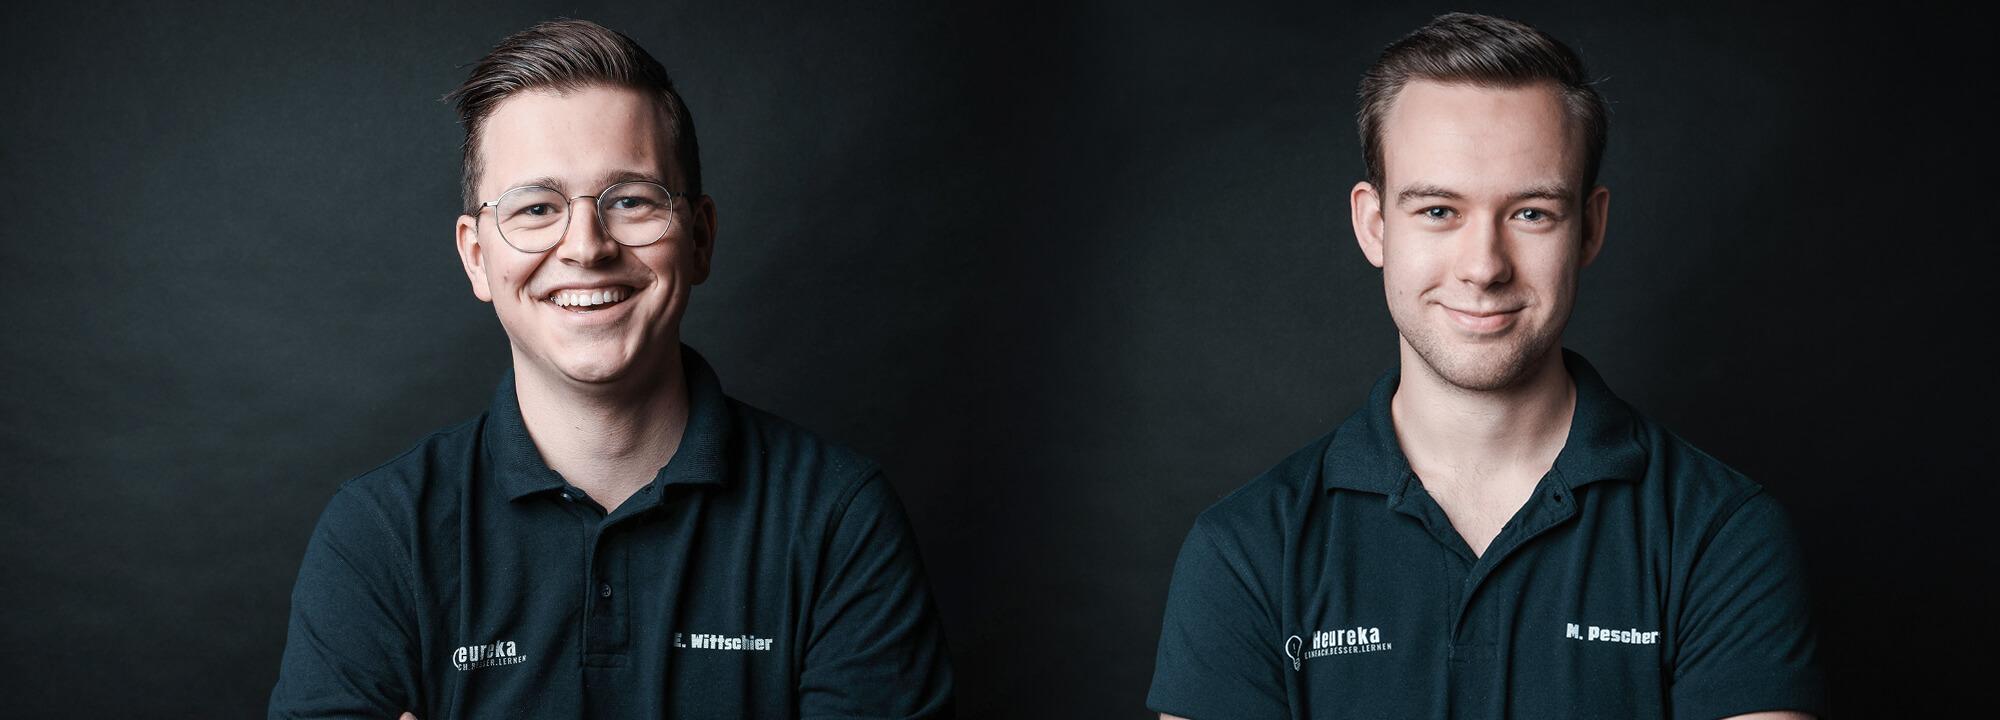 interview-heureka-with-cbs-founders-maarten-peschers-and-elias-wittschier